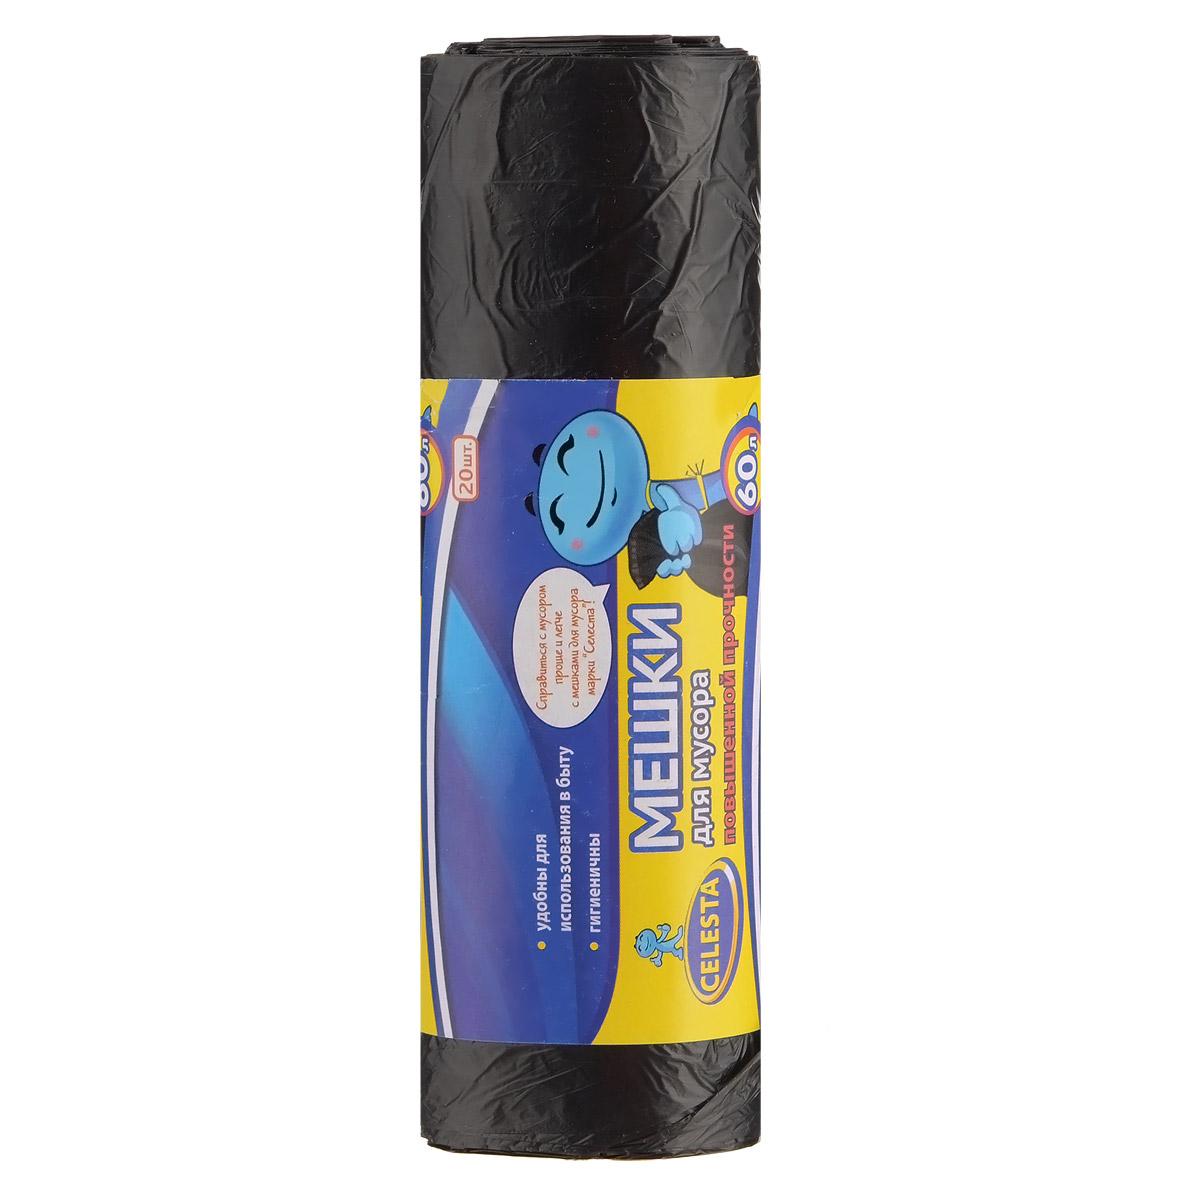 Мешки для мусора Celesta, цвет: черный, 60 л, 20 шт825435Мешки для мусора Celesta применяются для хранения и транспортировки бытовых мусорных и продуктовых отходов. Суперпрочные и гигиеничные. Удобны для использования в быту. Мешки быстро и просто отрываются по линии перфорации.